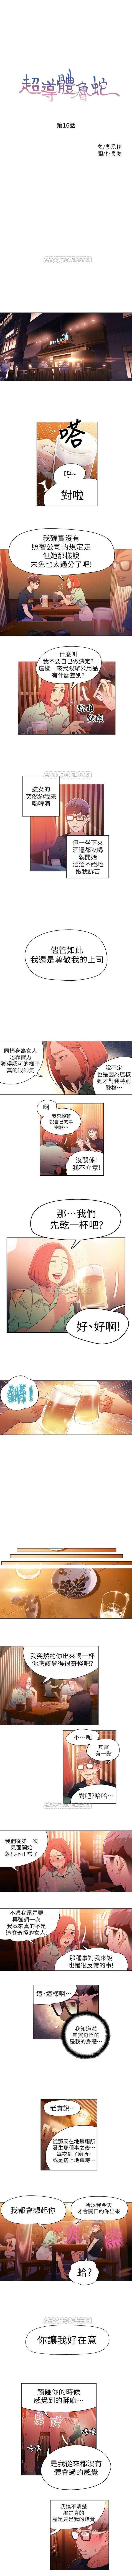 (周7)超导体鲁蛇(超级吸引力) 1-17 中文翻译(更新中) 69